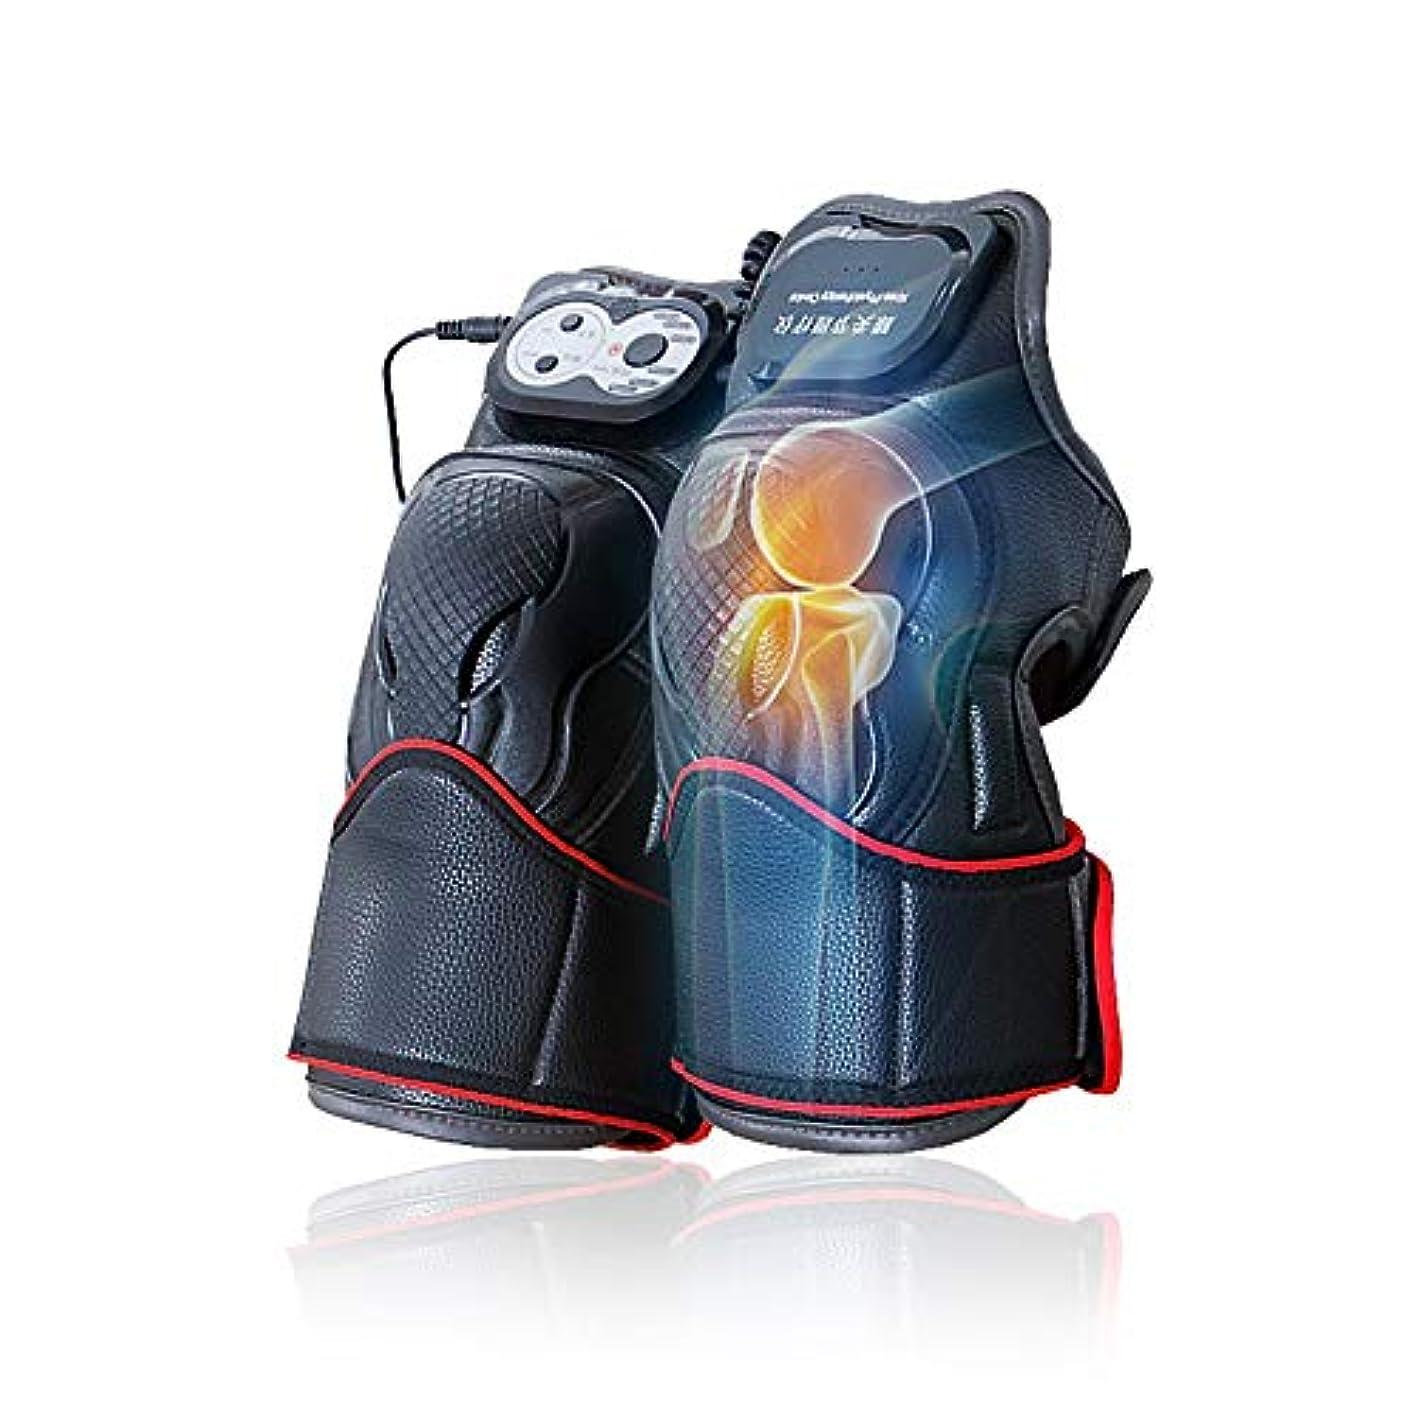 惑星編集する押し下げるマッサージ器 マッサージ ひざ マッサージャー ヒーター マッサージ機 振動 レッグマッサージャー 通気性 フットマッサージャー 赤外線療法 膝サポーター ストレス解消(二枚入り)